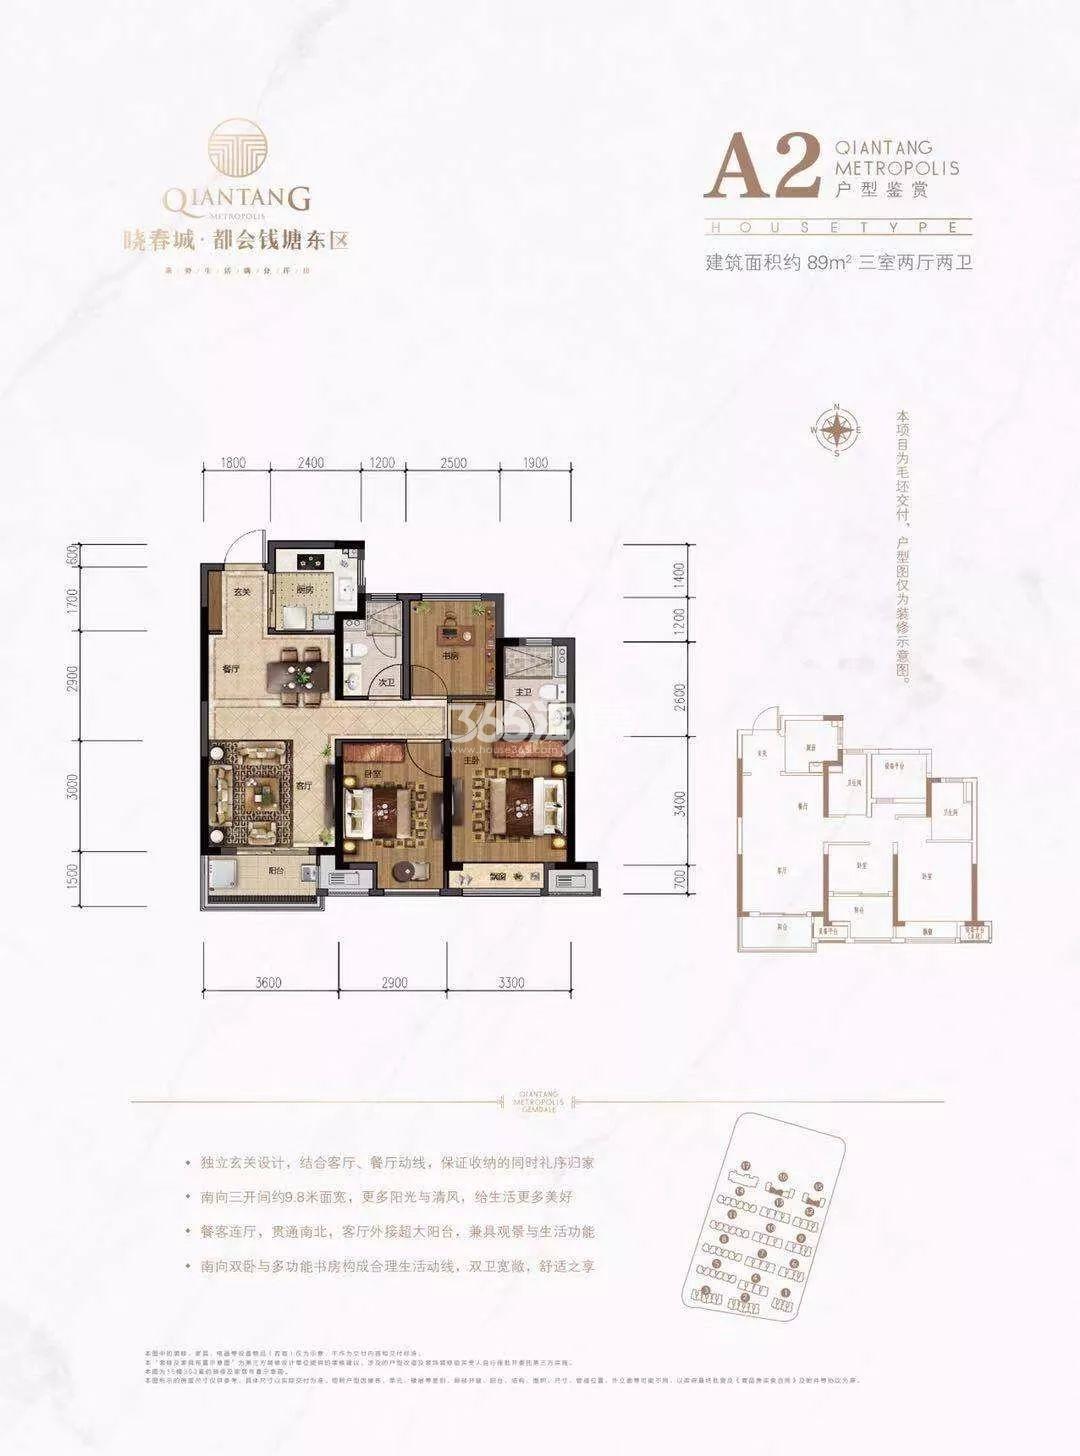 晓春城(都会钱塘东区)高层A2户型约89㎡(15#16#中间套)